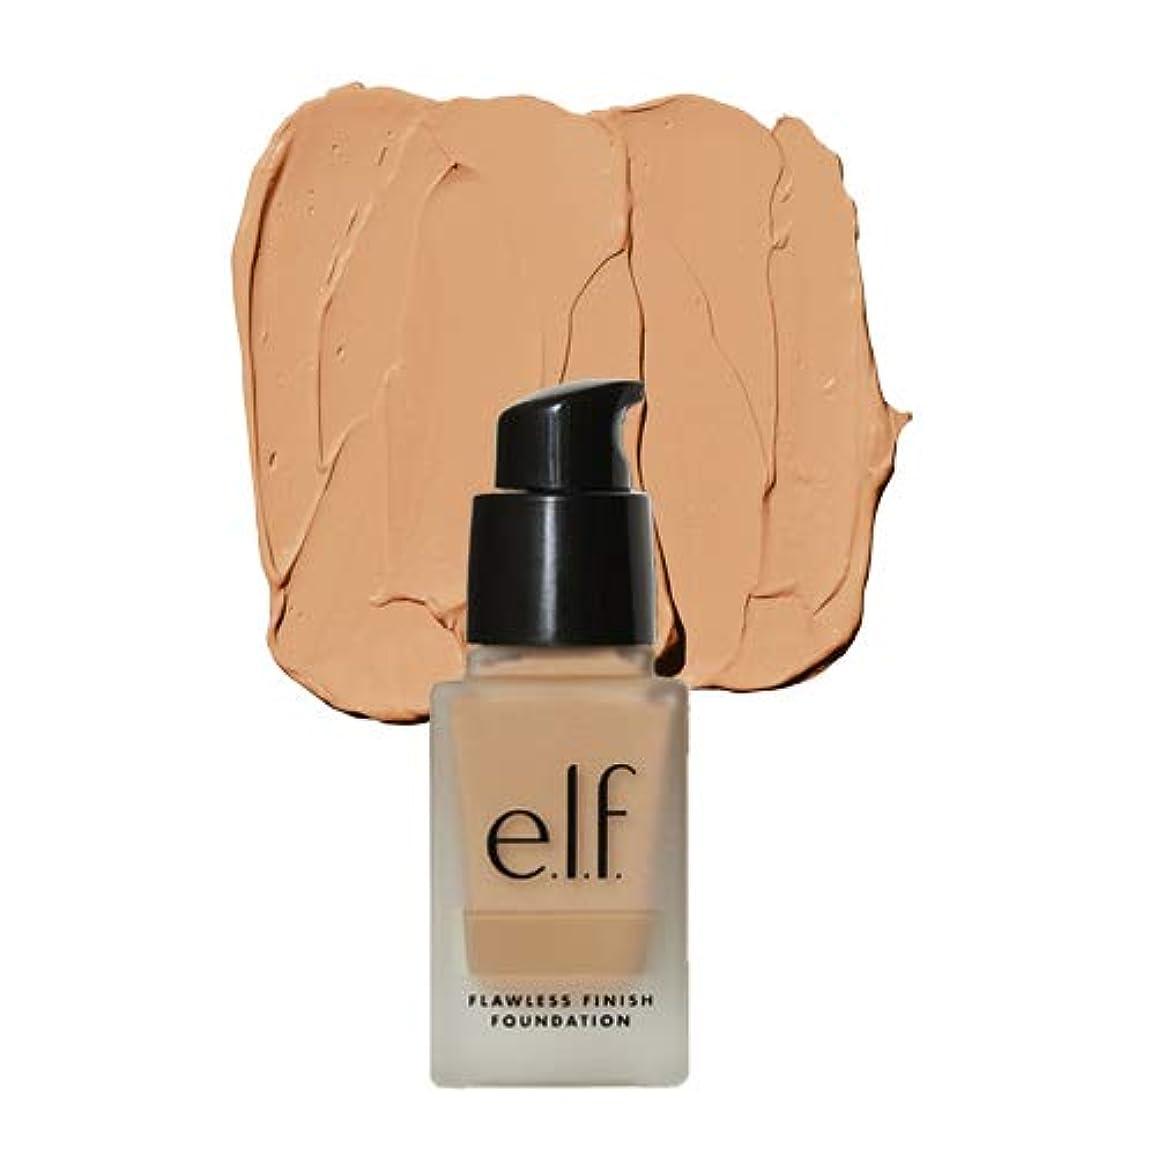 震えがっかりする同等の(3 Pack) e.l.f. Oil Free Flawless Finish Foundation - Toffee (並行輸入品)